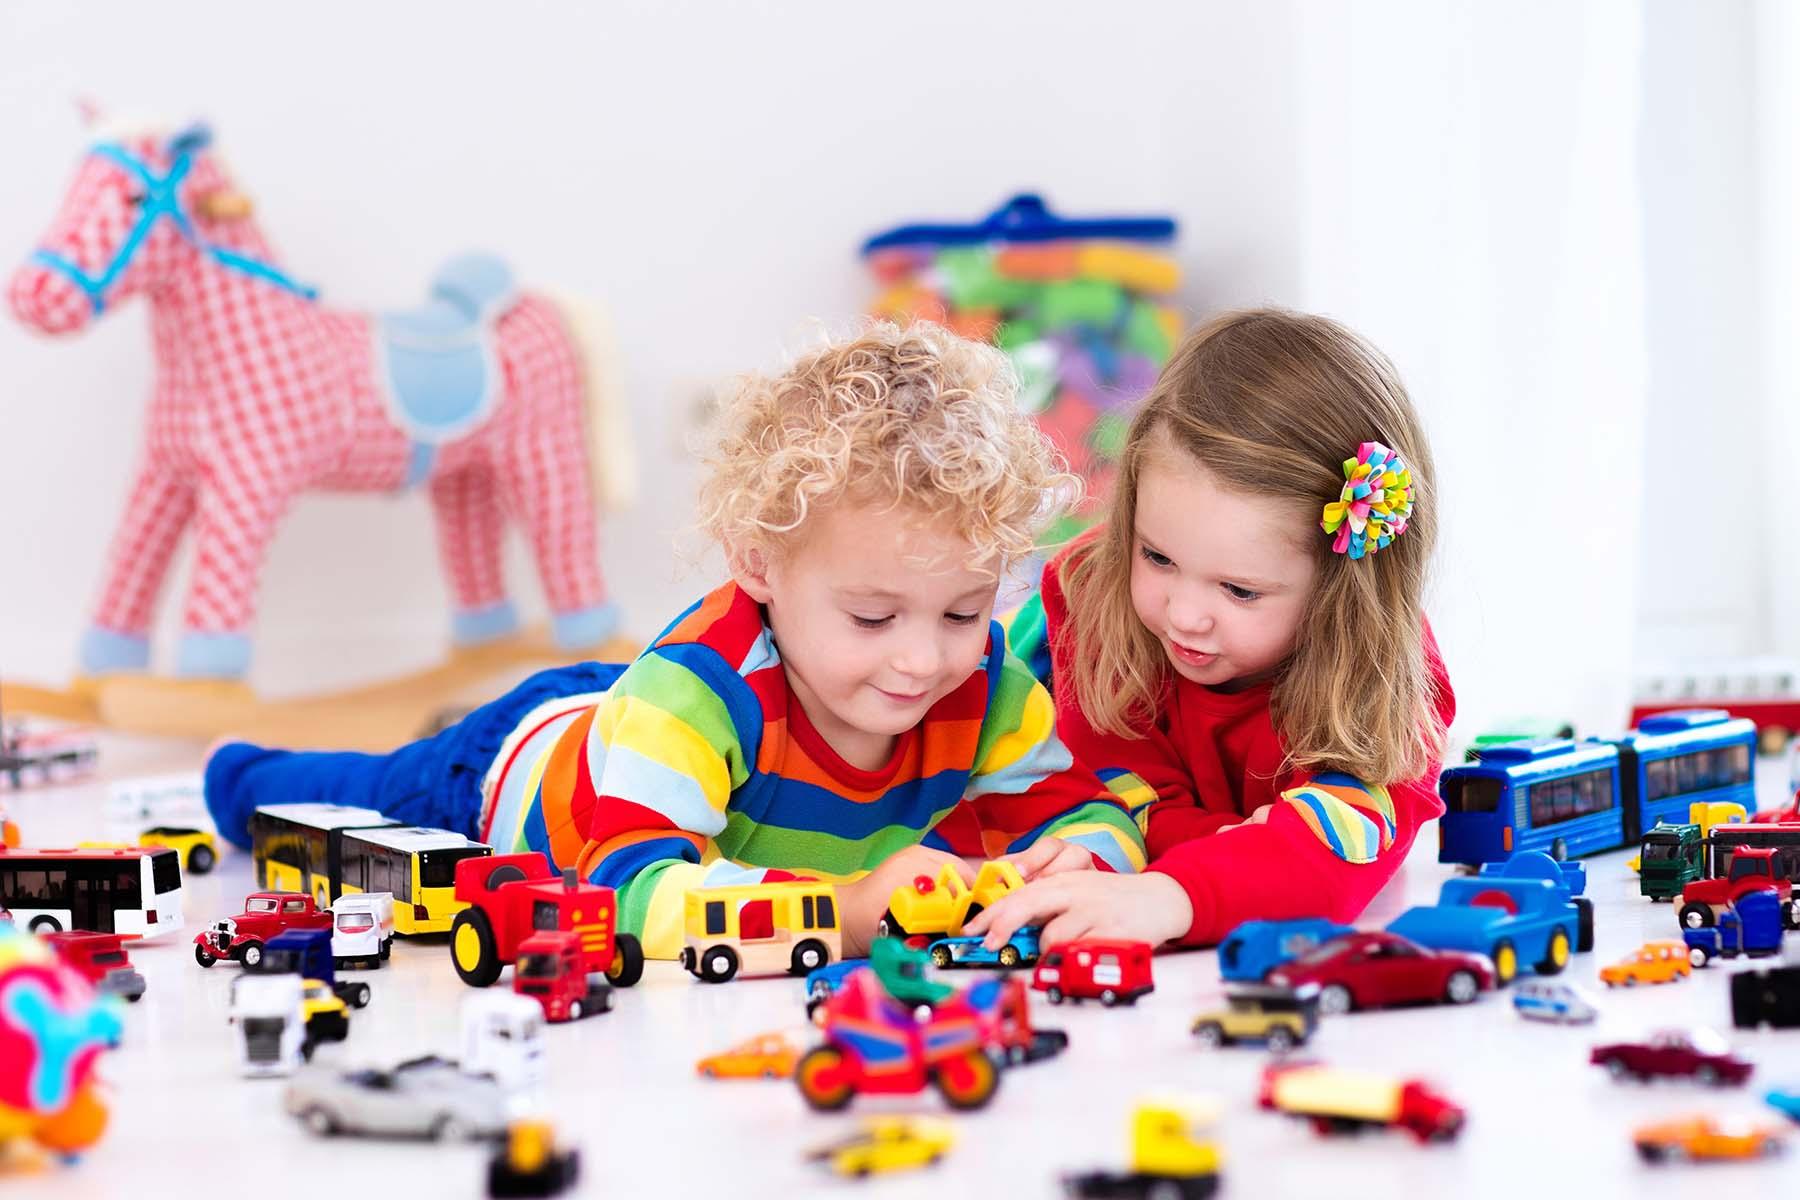 فواید اسباب بازی بر زندگی کودکان